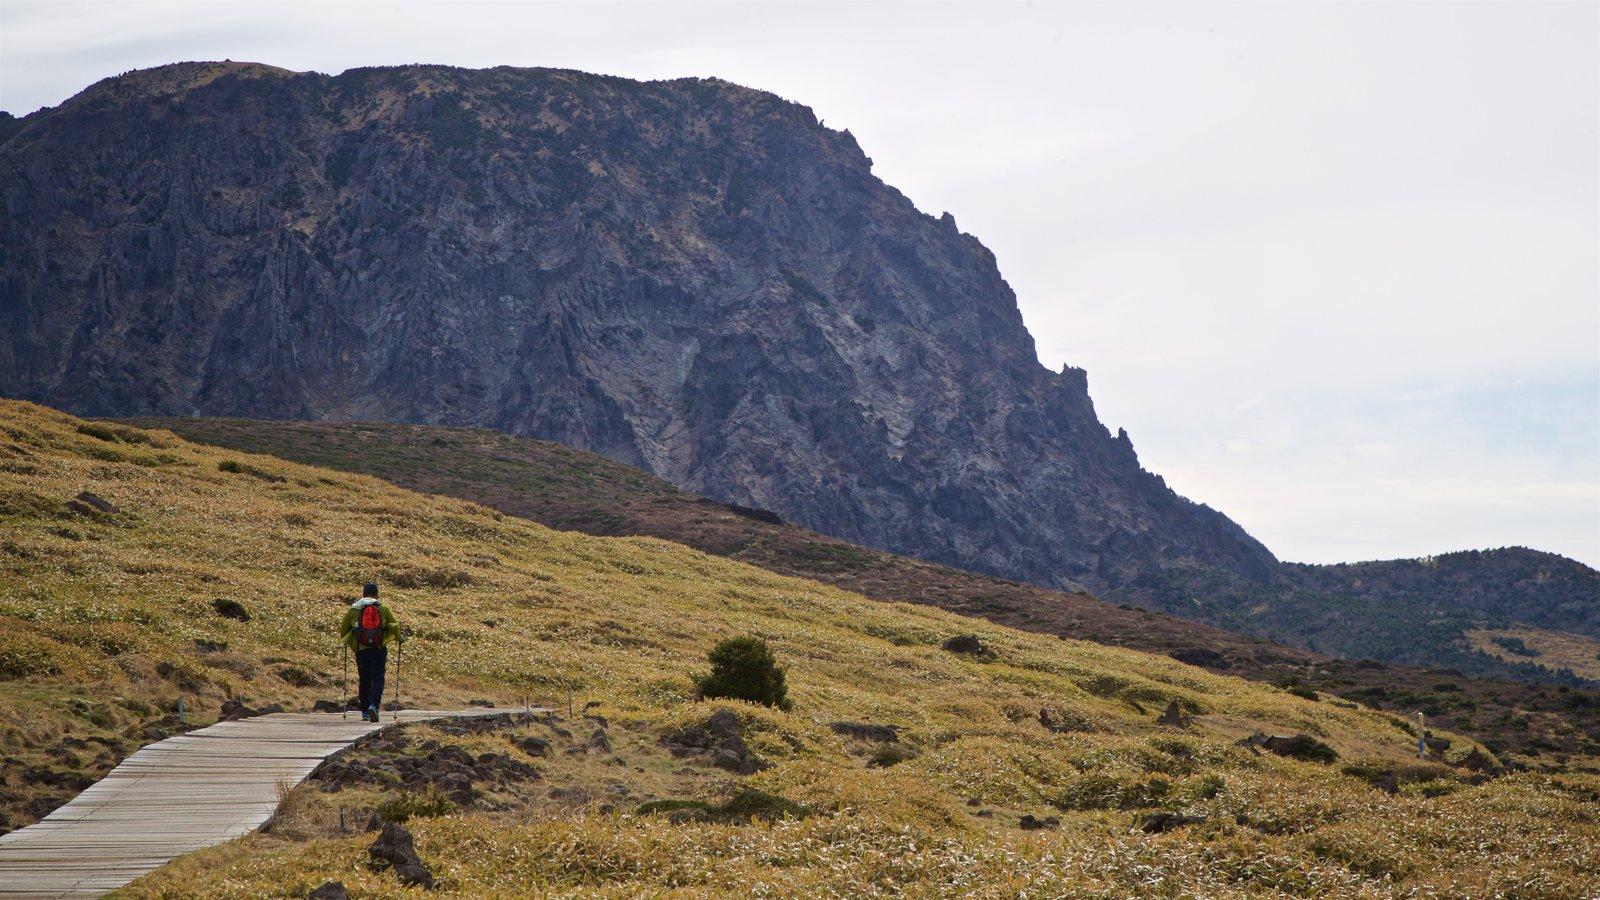 Parque Nacional de Hallasan mostrando senderismo o caminata, vistas de paisajes y escenas tranquilas